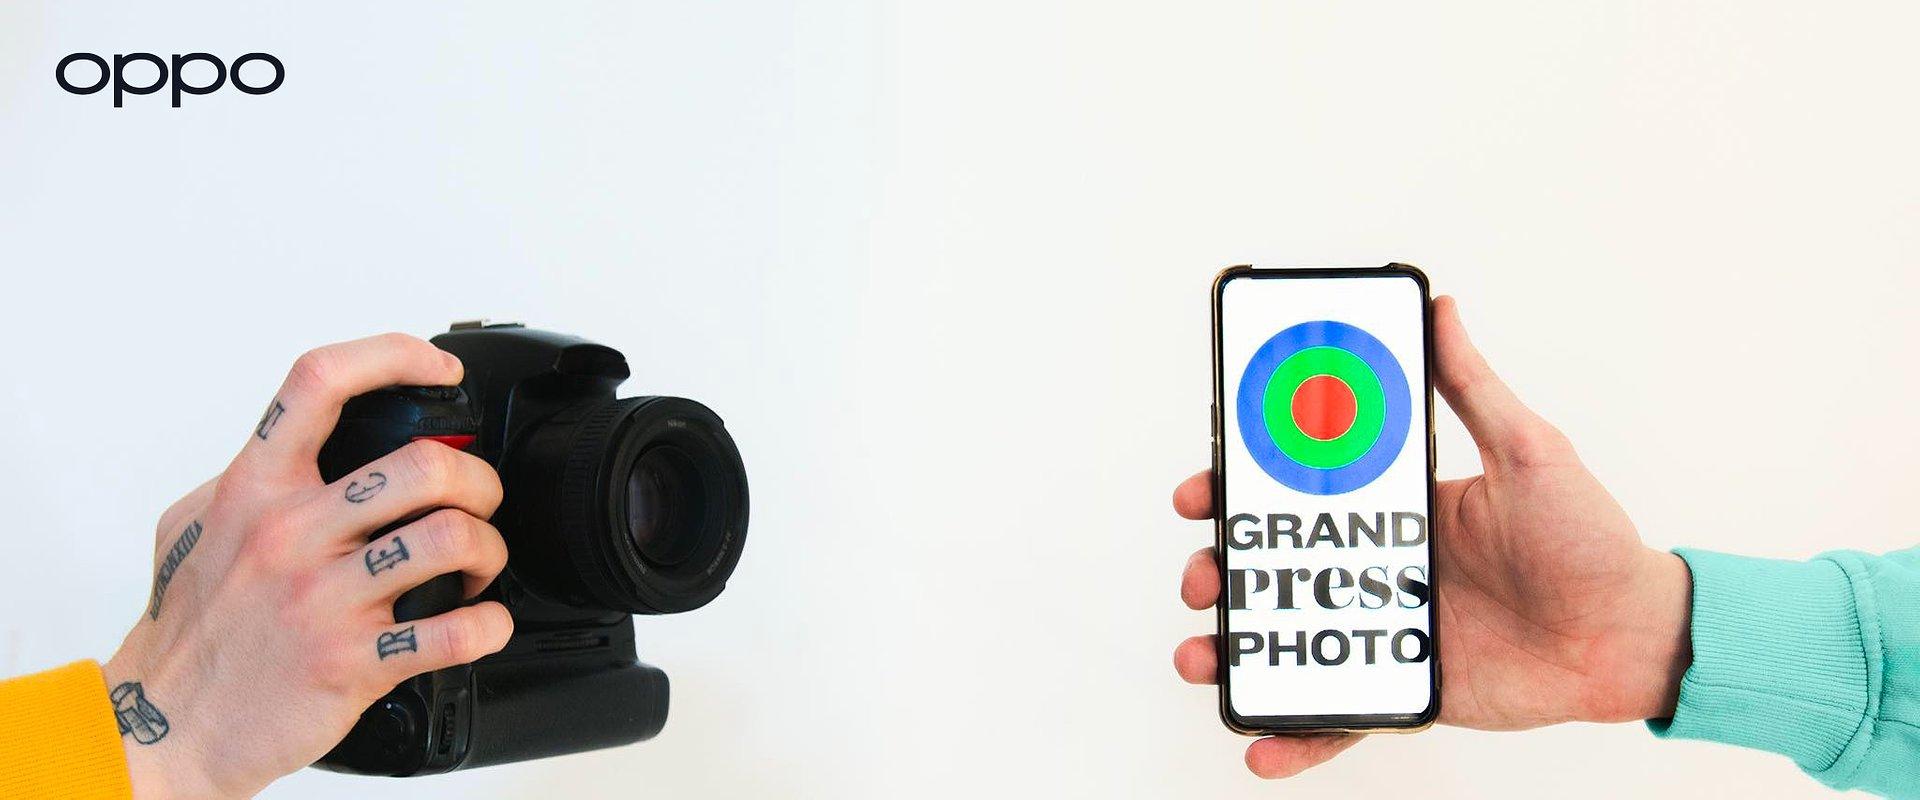 OPPO zaprasza na wystawę prac Grand Press Photo